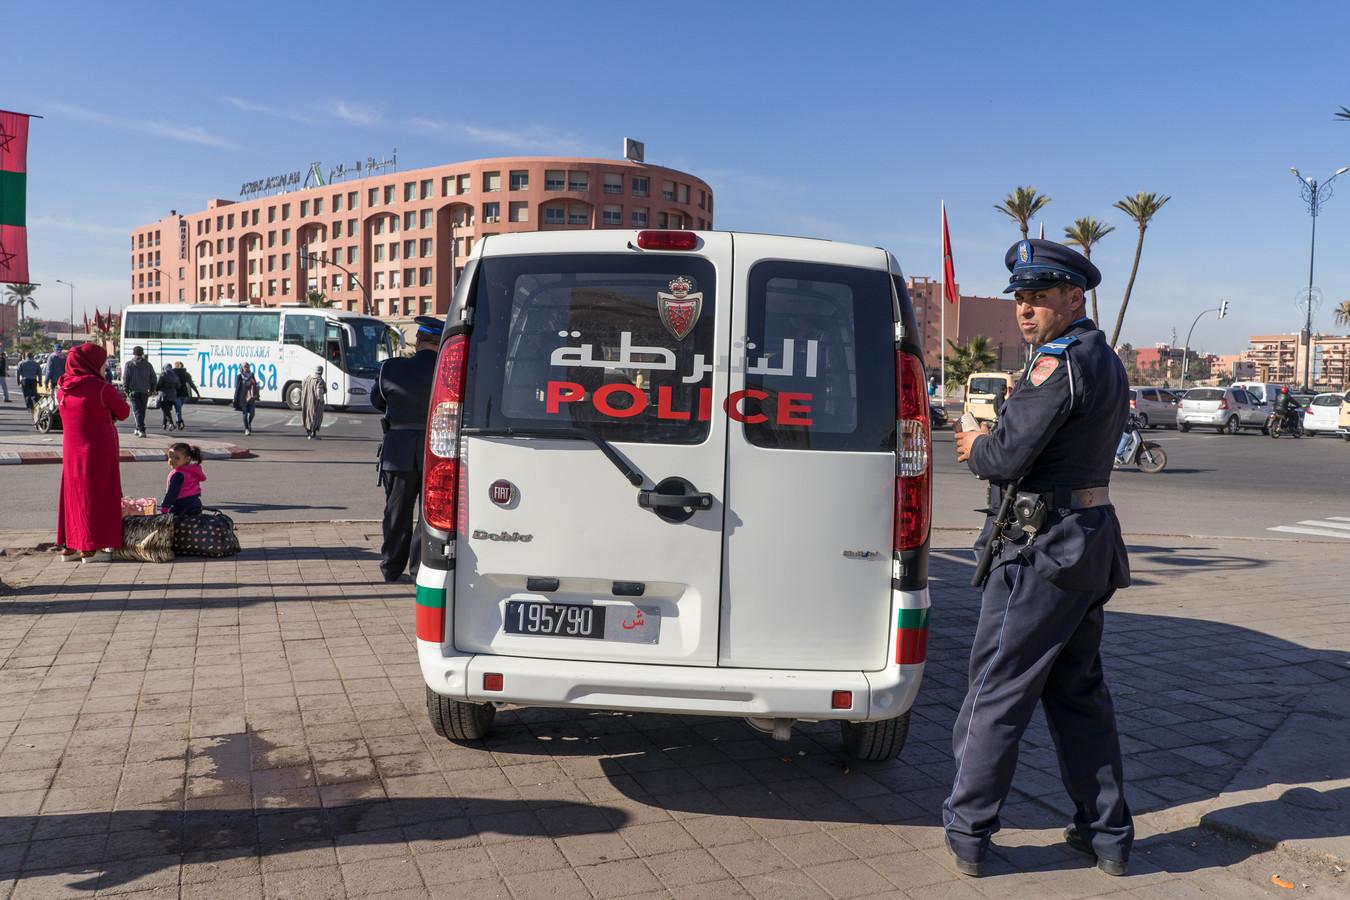 Politie in Marrakech. Beeld ter illustratie.